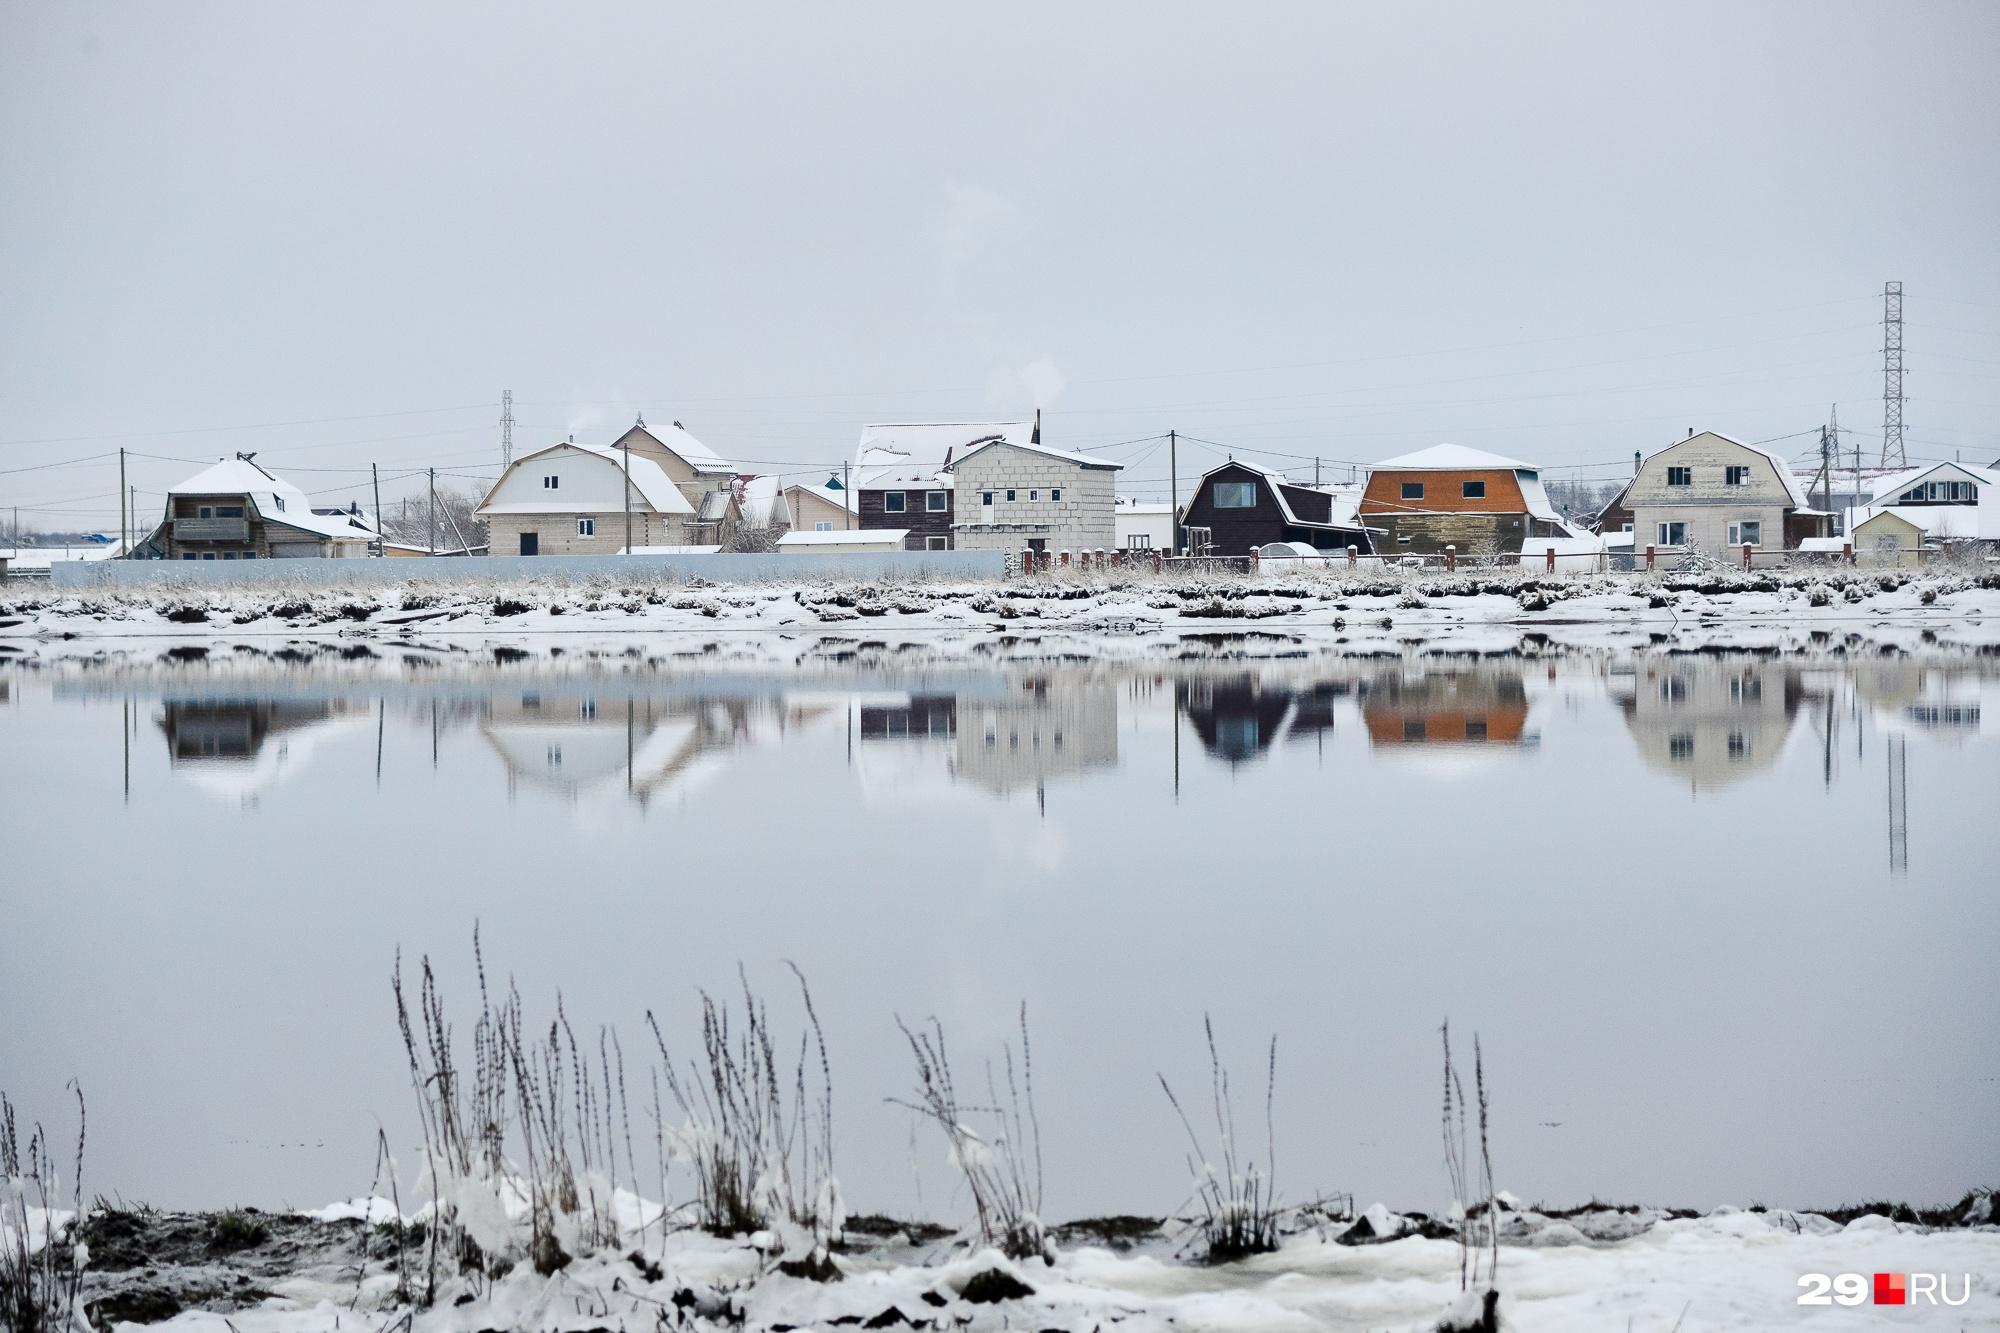 Вид на дачный поселок на другом берегу речки